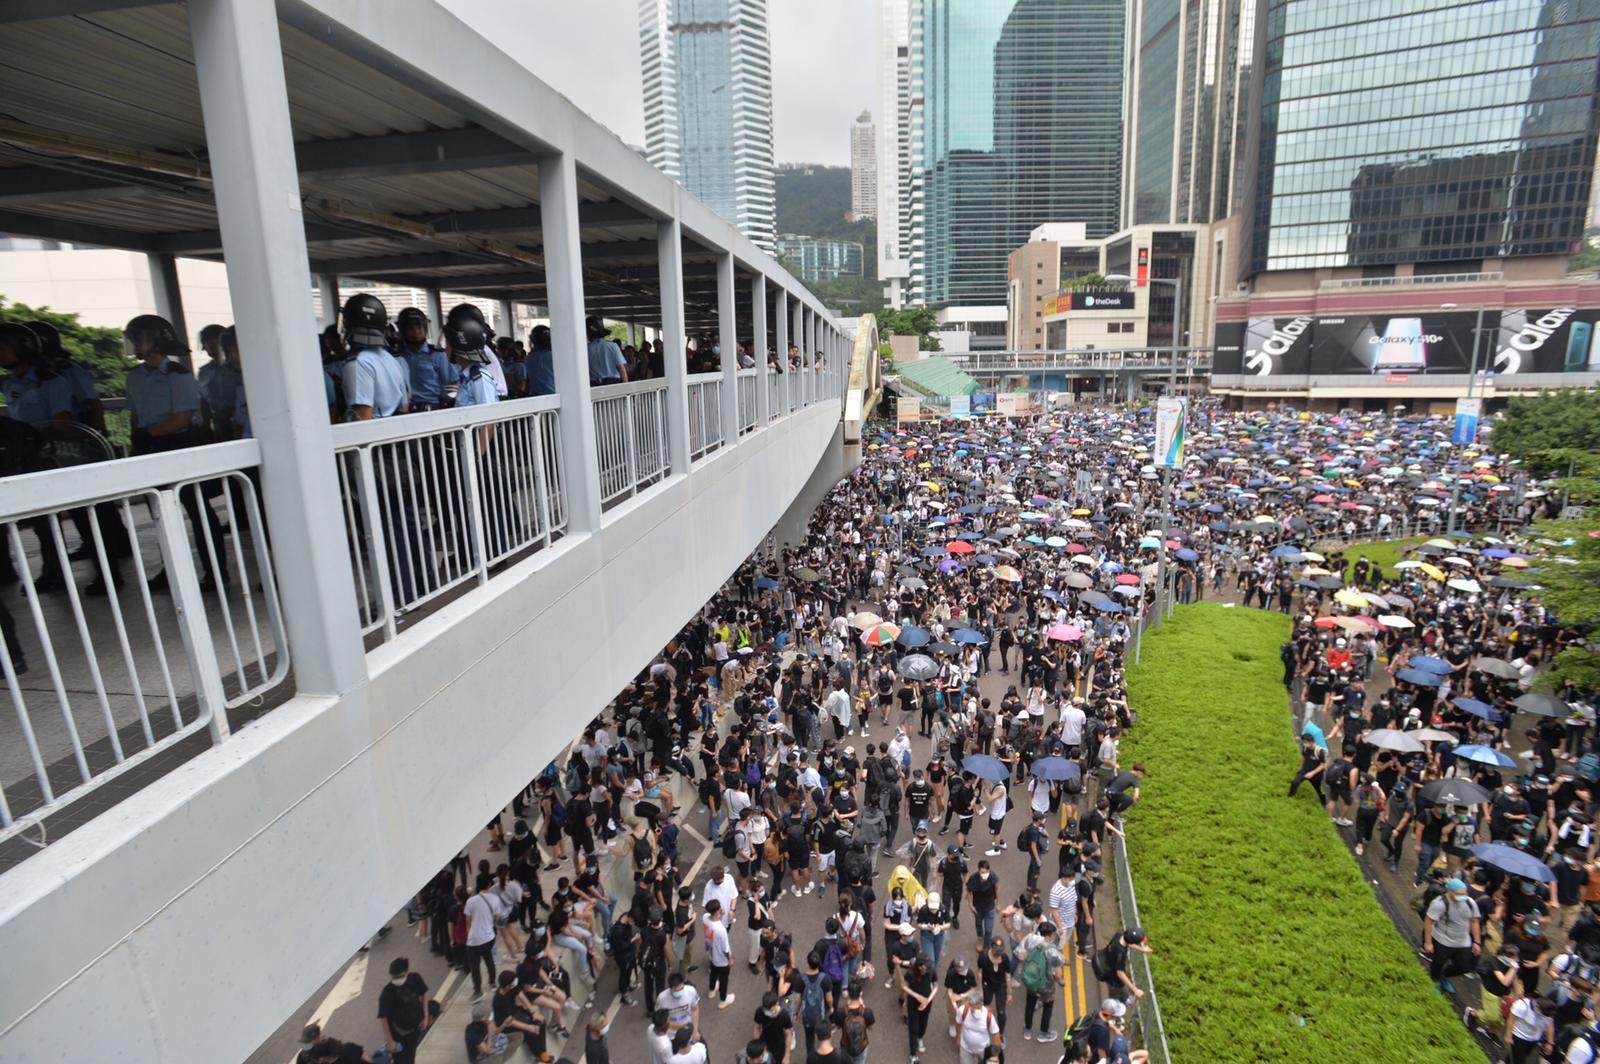 示威者佔領多條街道。